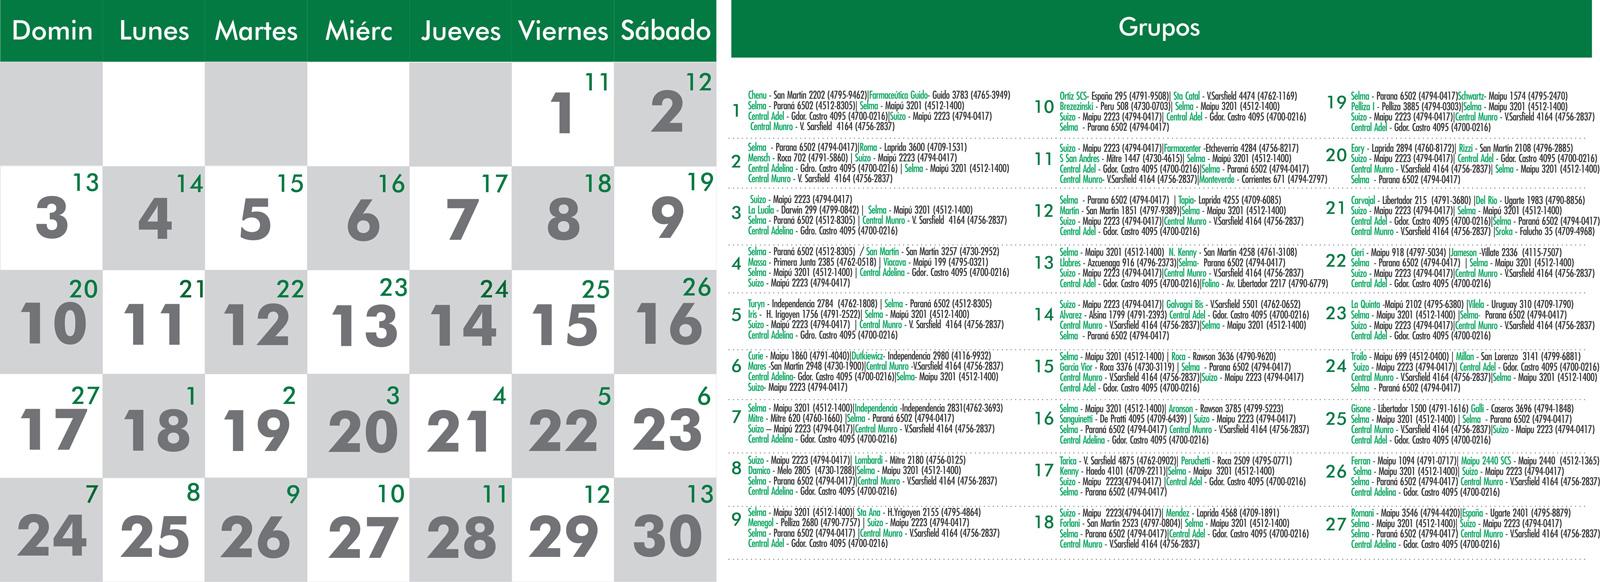 Farmacias de turno - Vicente López